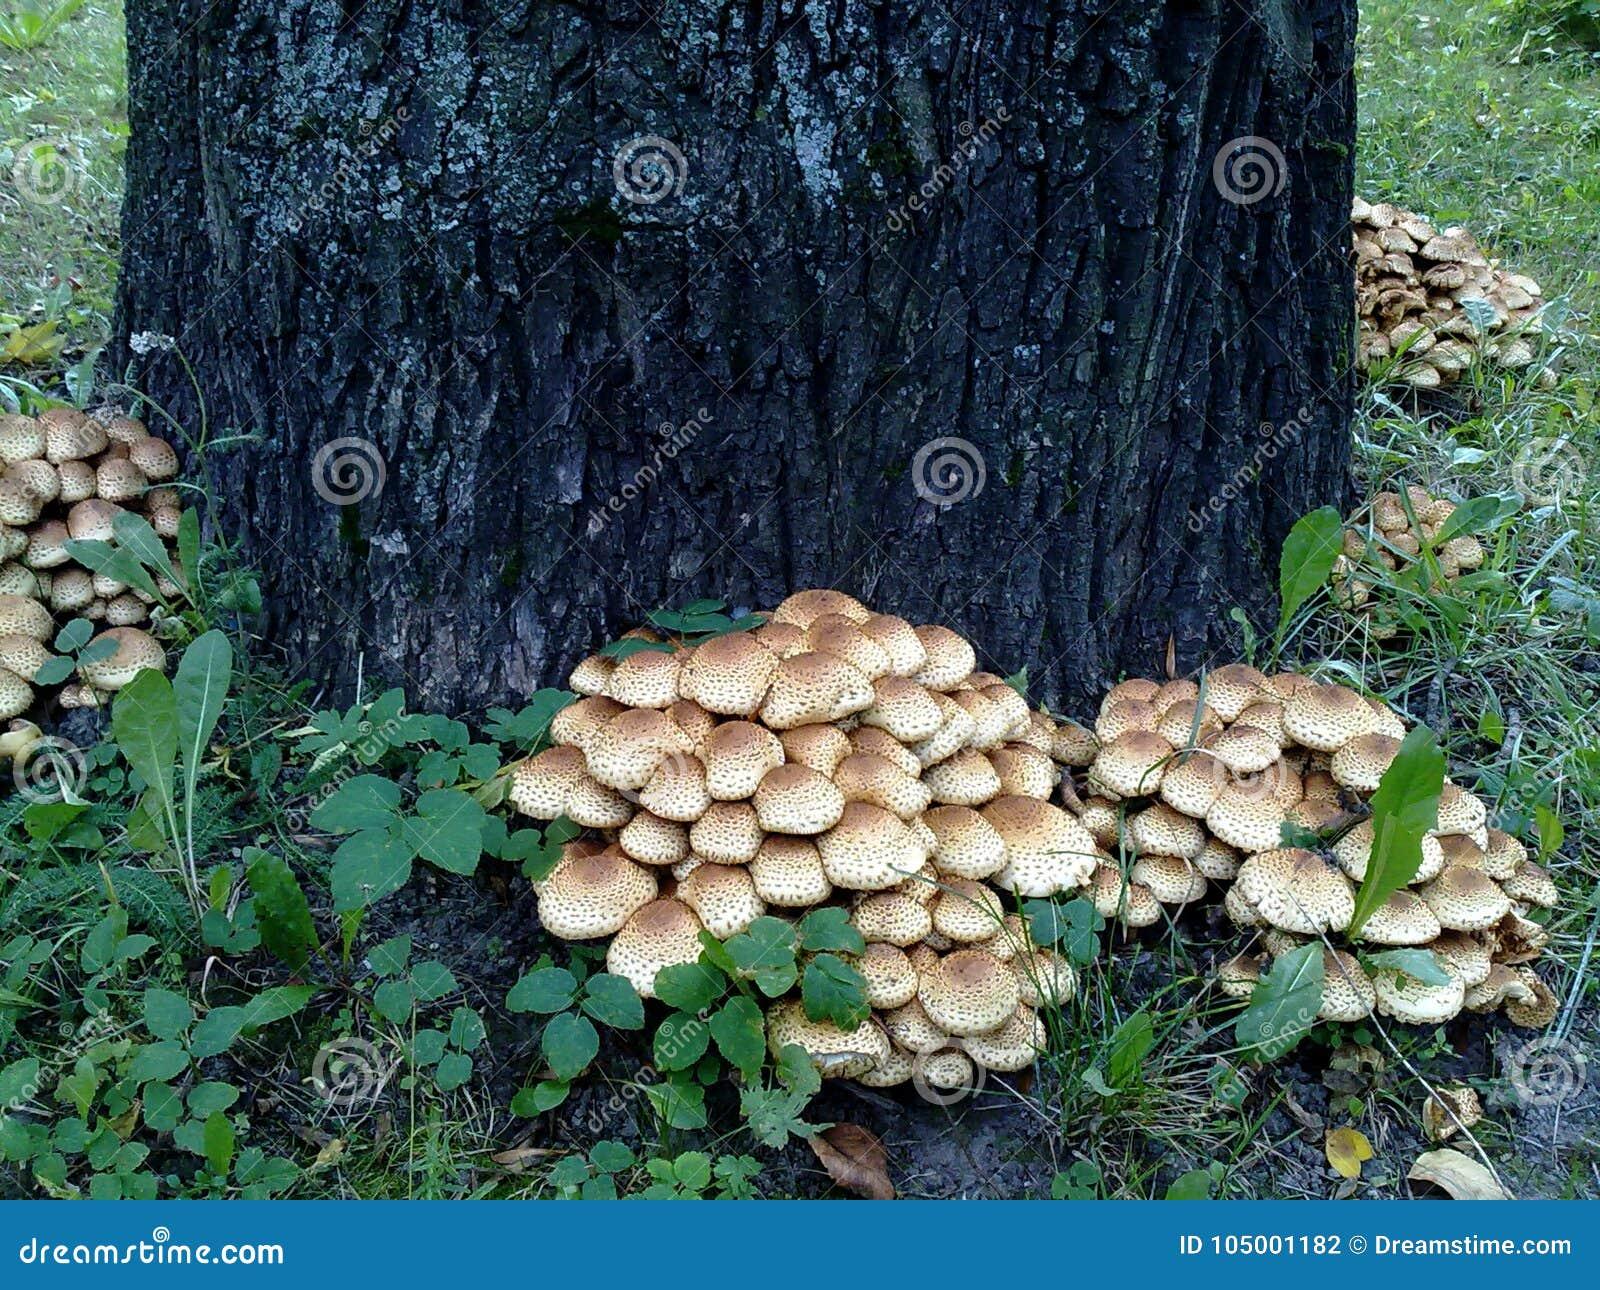 Μανιταριών χρονικού φθινοπώρου δασικό μυκηλίων φρέσκο δέντρο κορμών μανιταριών όμορφο